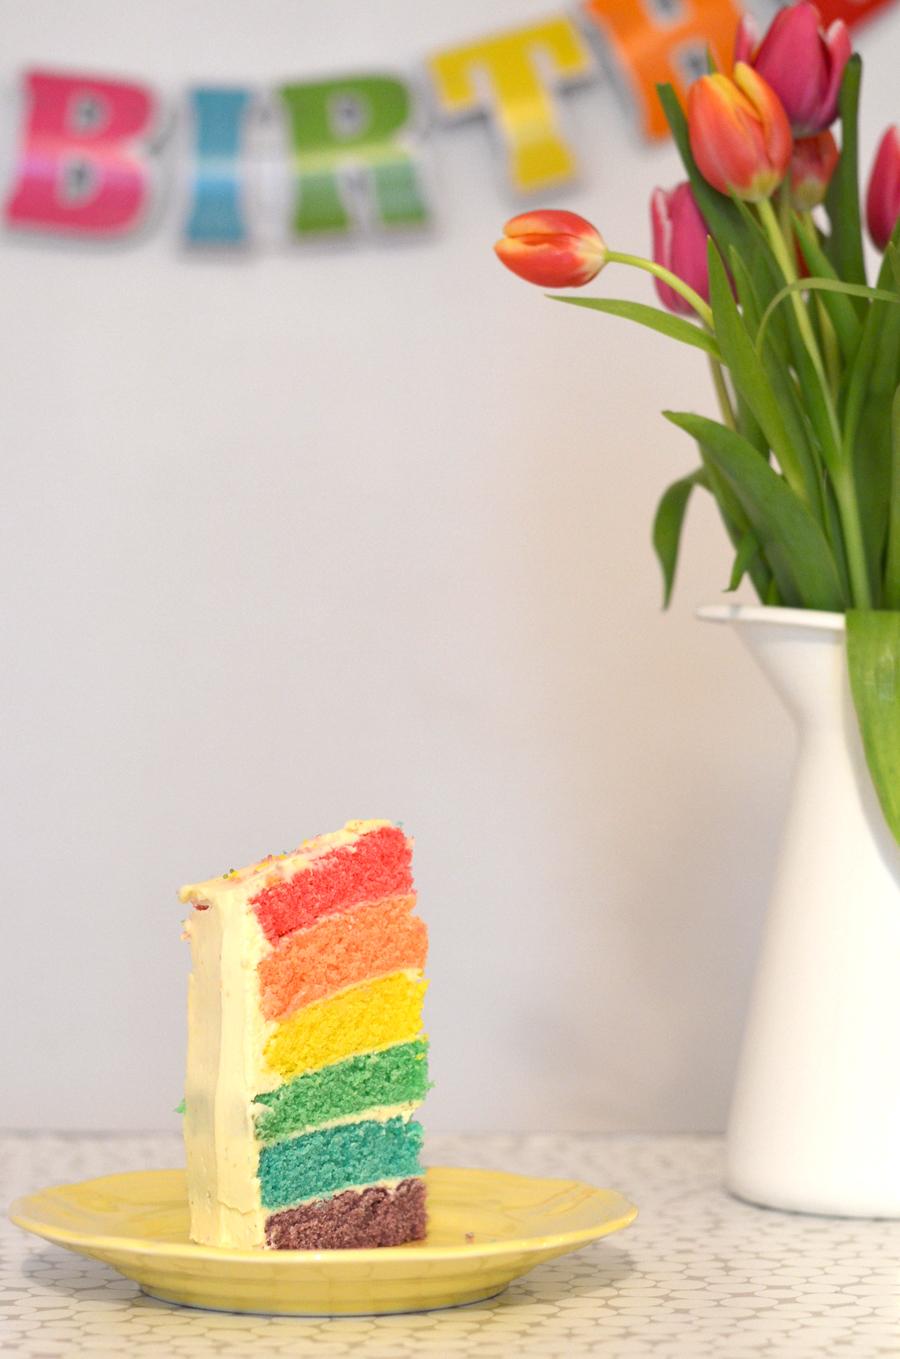 Recette du gâteau arc-en-ciel - Rainbow cake